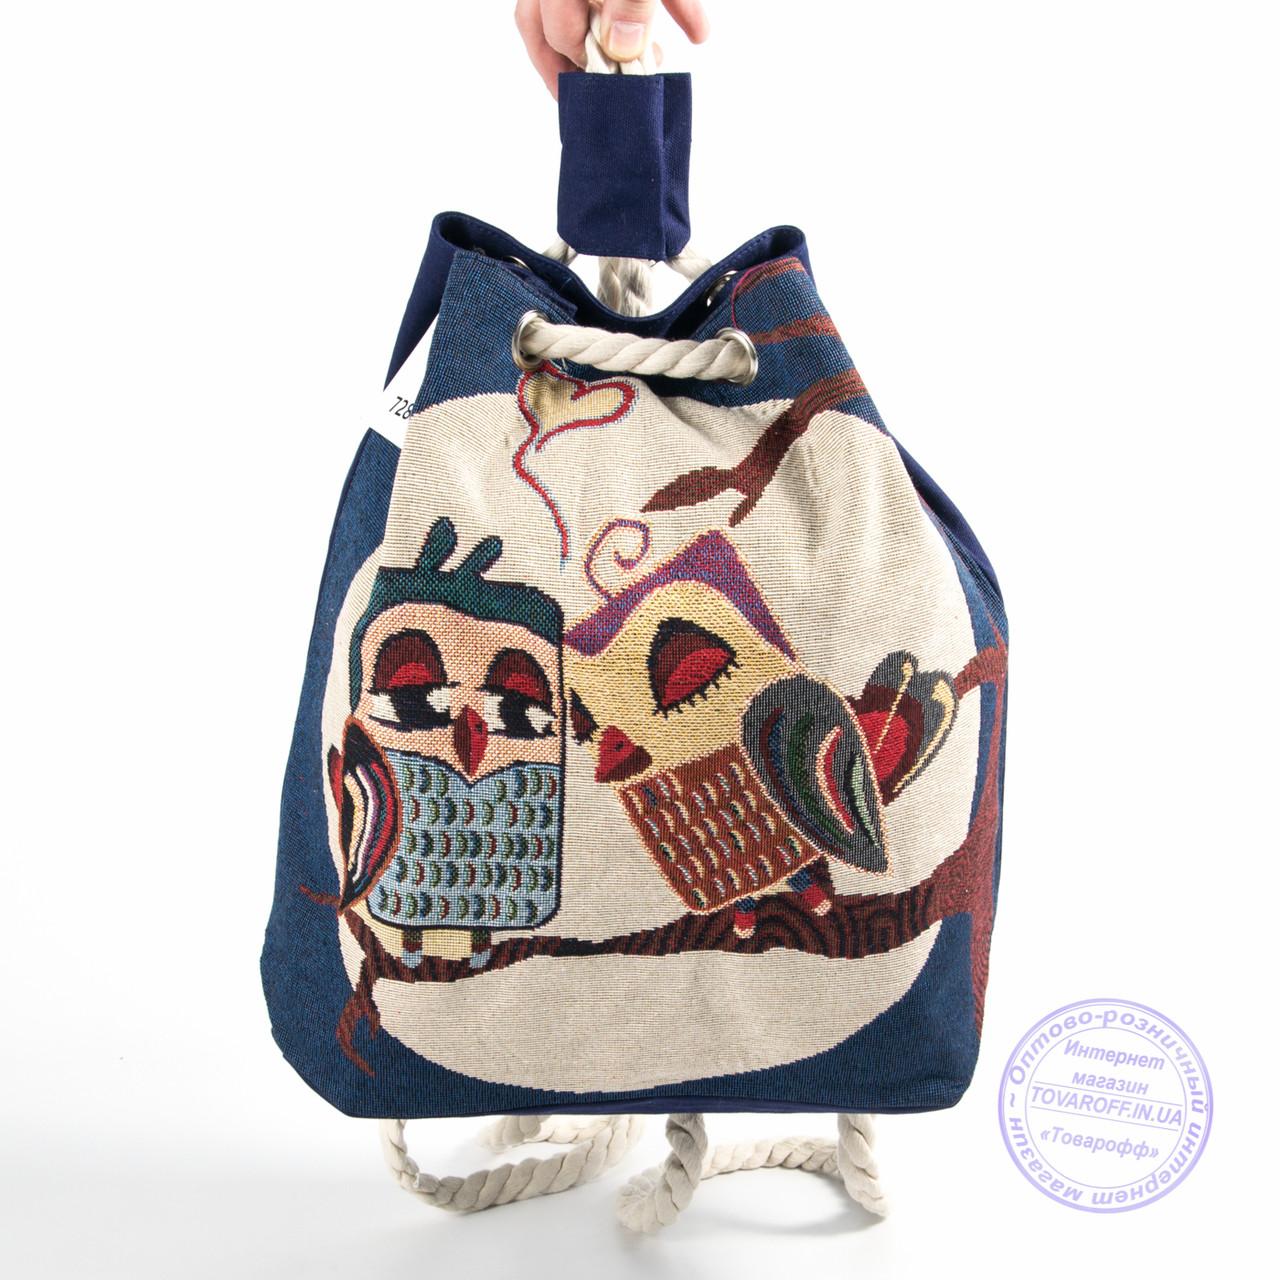 Эко рюкзак с рисунком синий с совами - 728